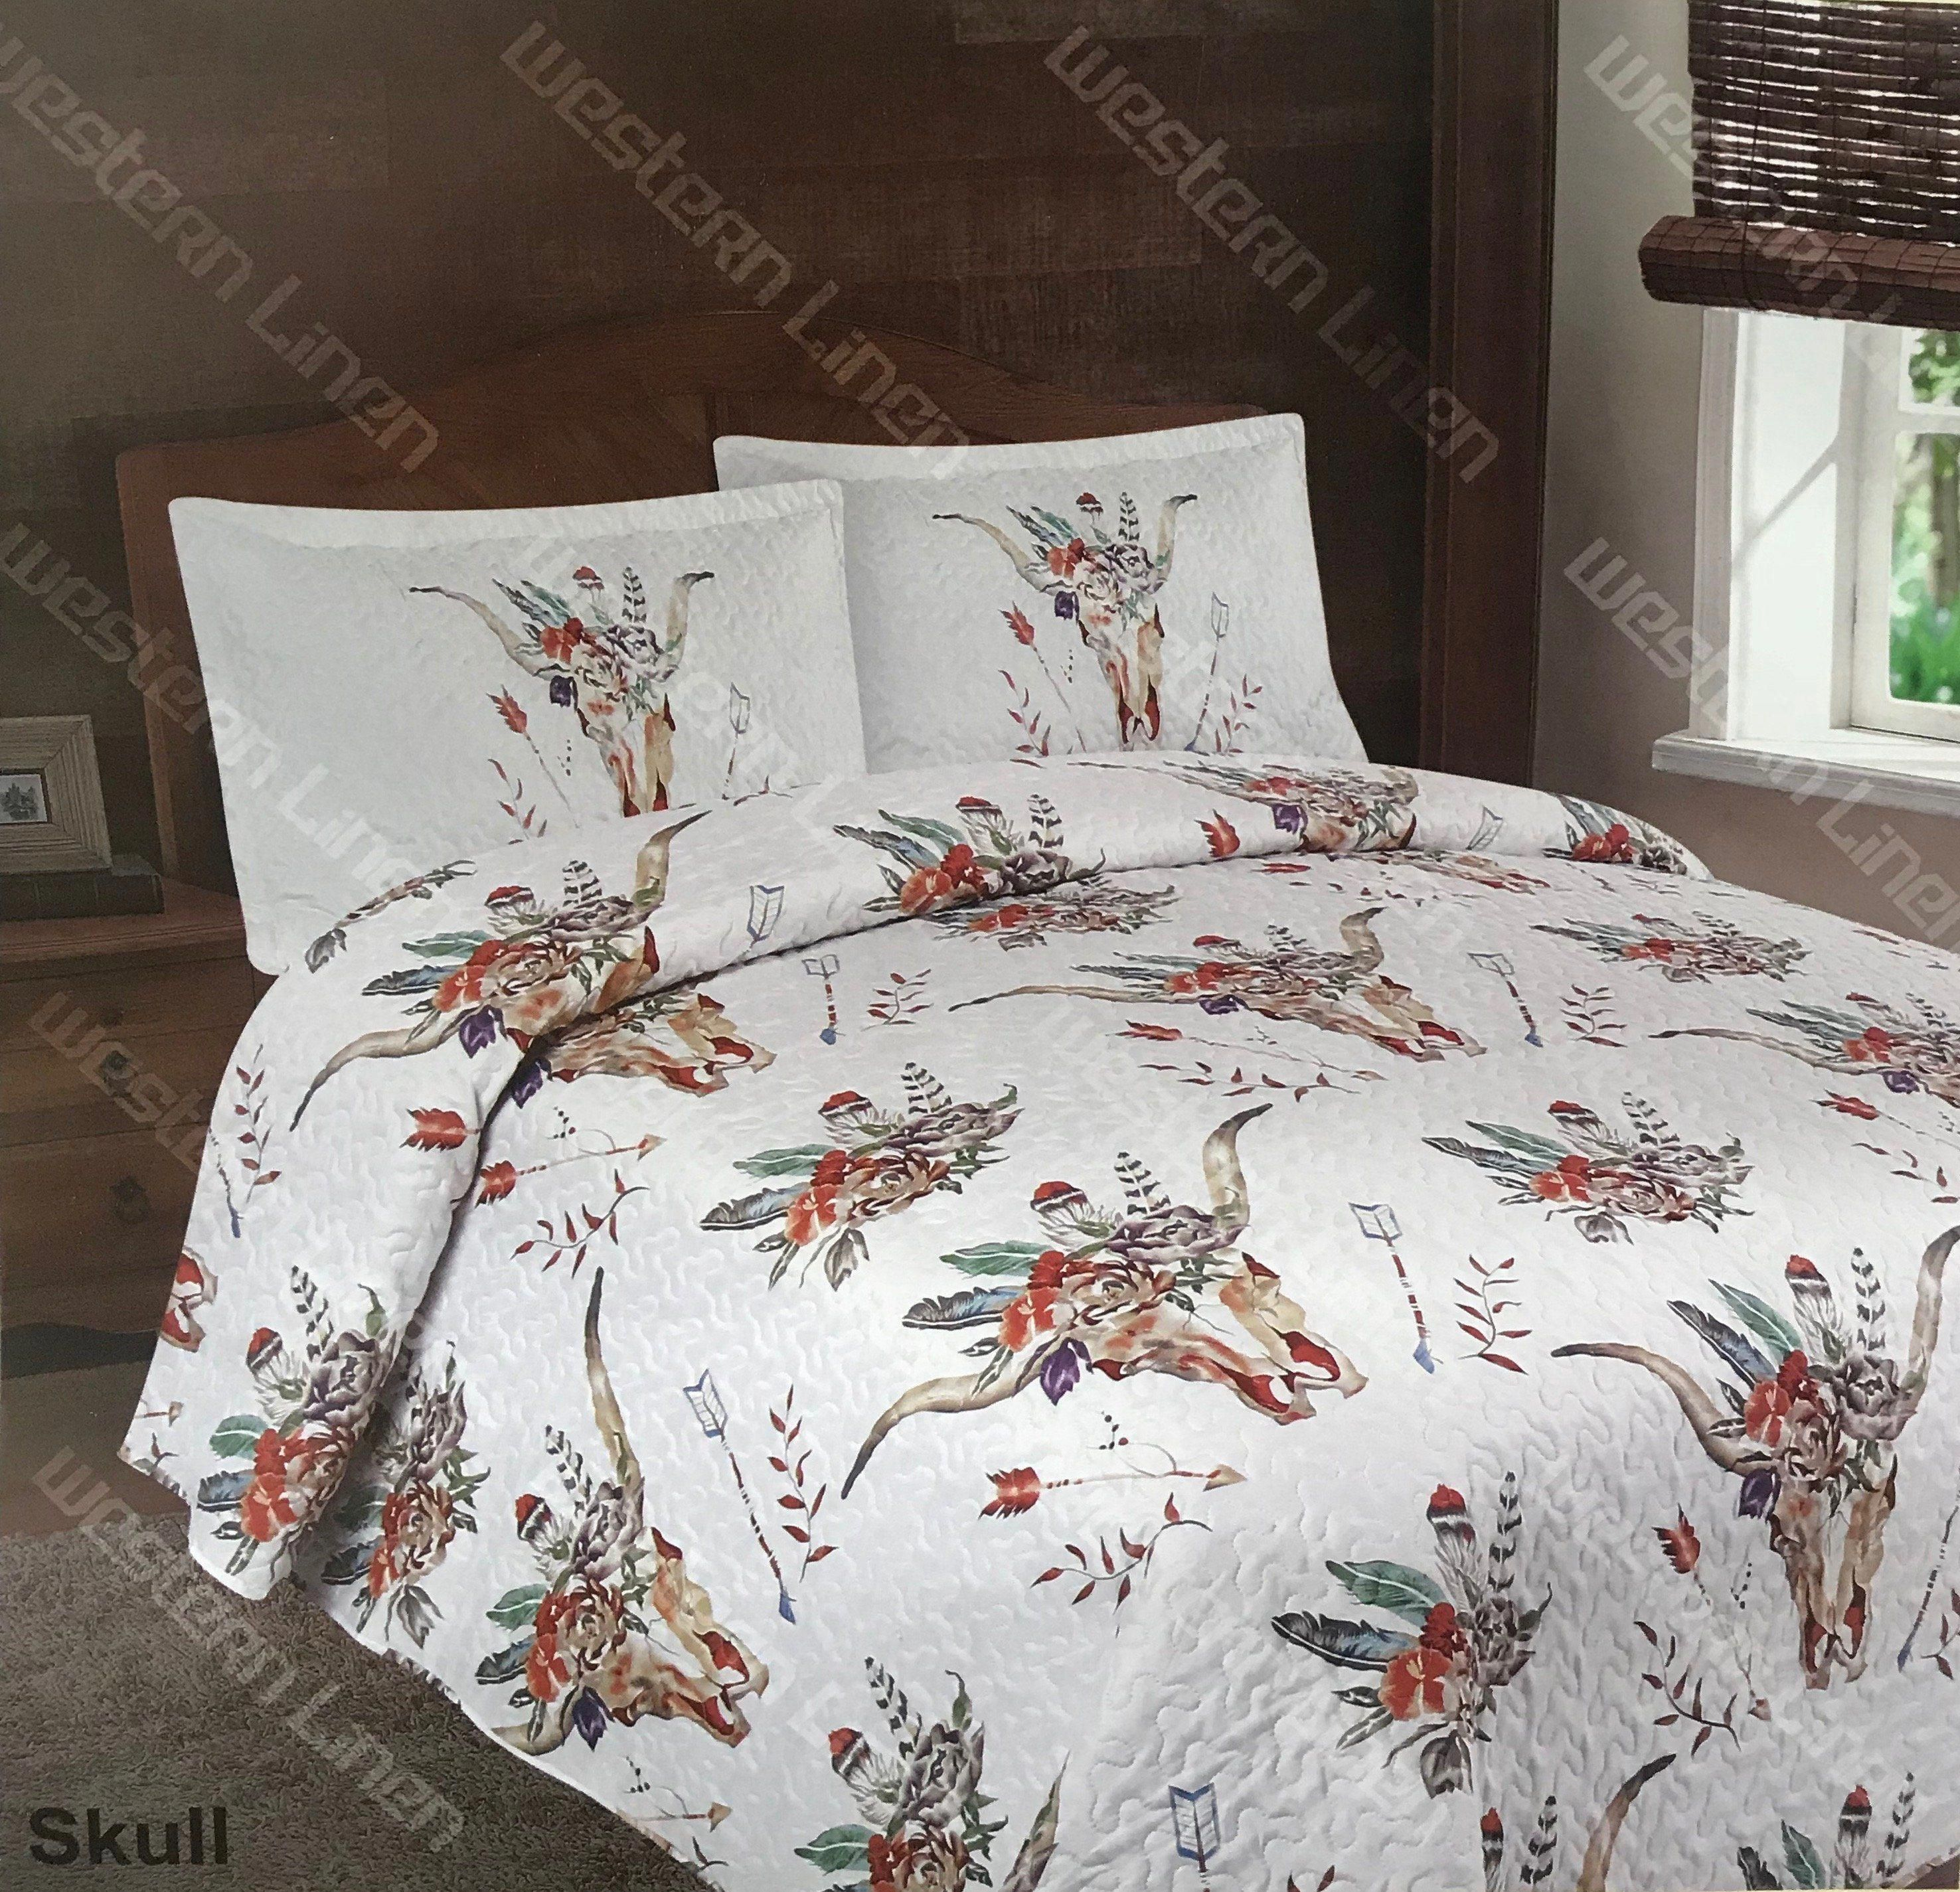 3Pc Skull Skeleton Flower Quilt Rustic Western Bedspread Comforter Bedding Set